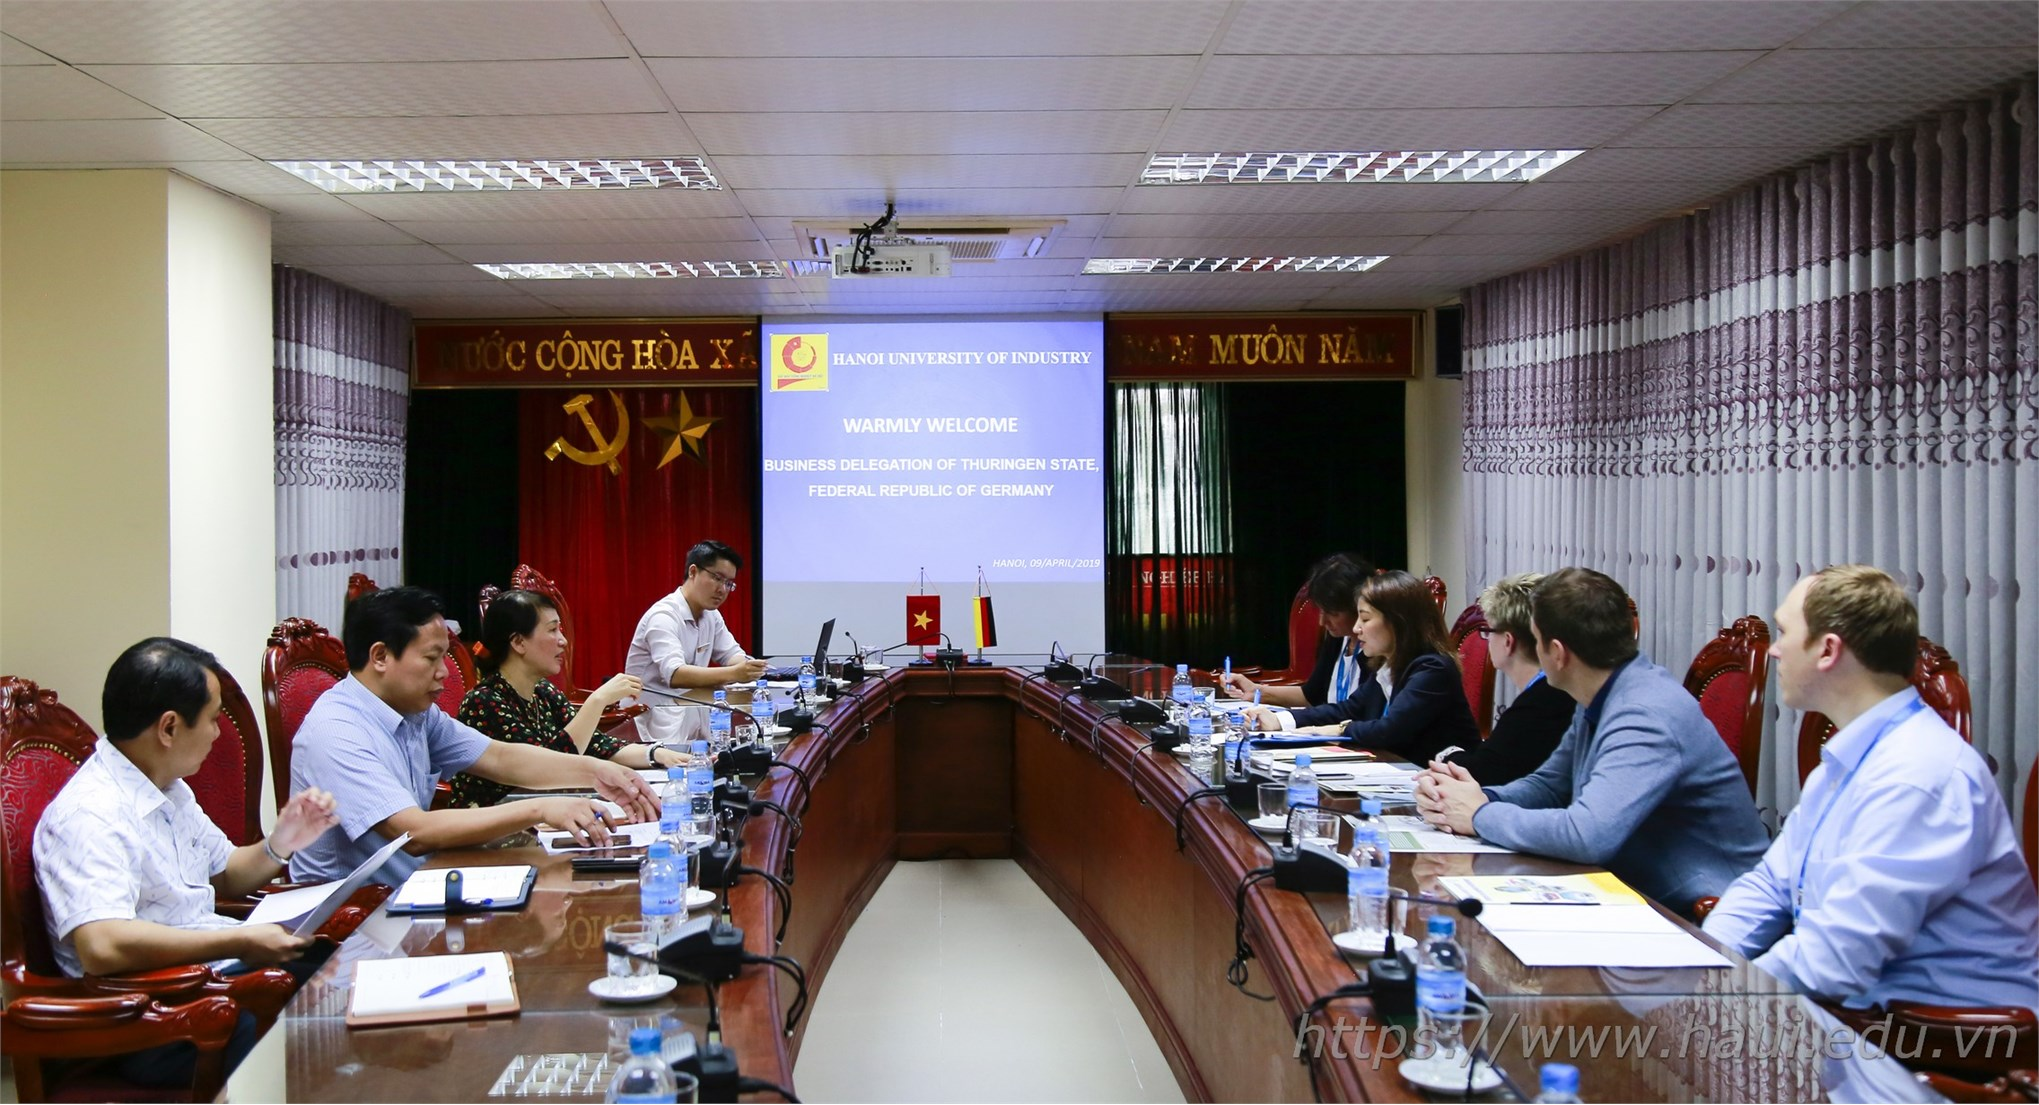 Đoàn doanh nghiệp Bang Thuringen - CHLB Đức thăm và làm việc tại Đại học Công nghiệp Hà Nội